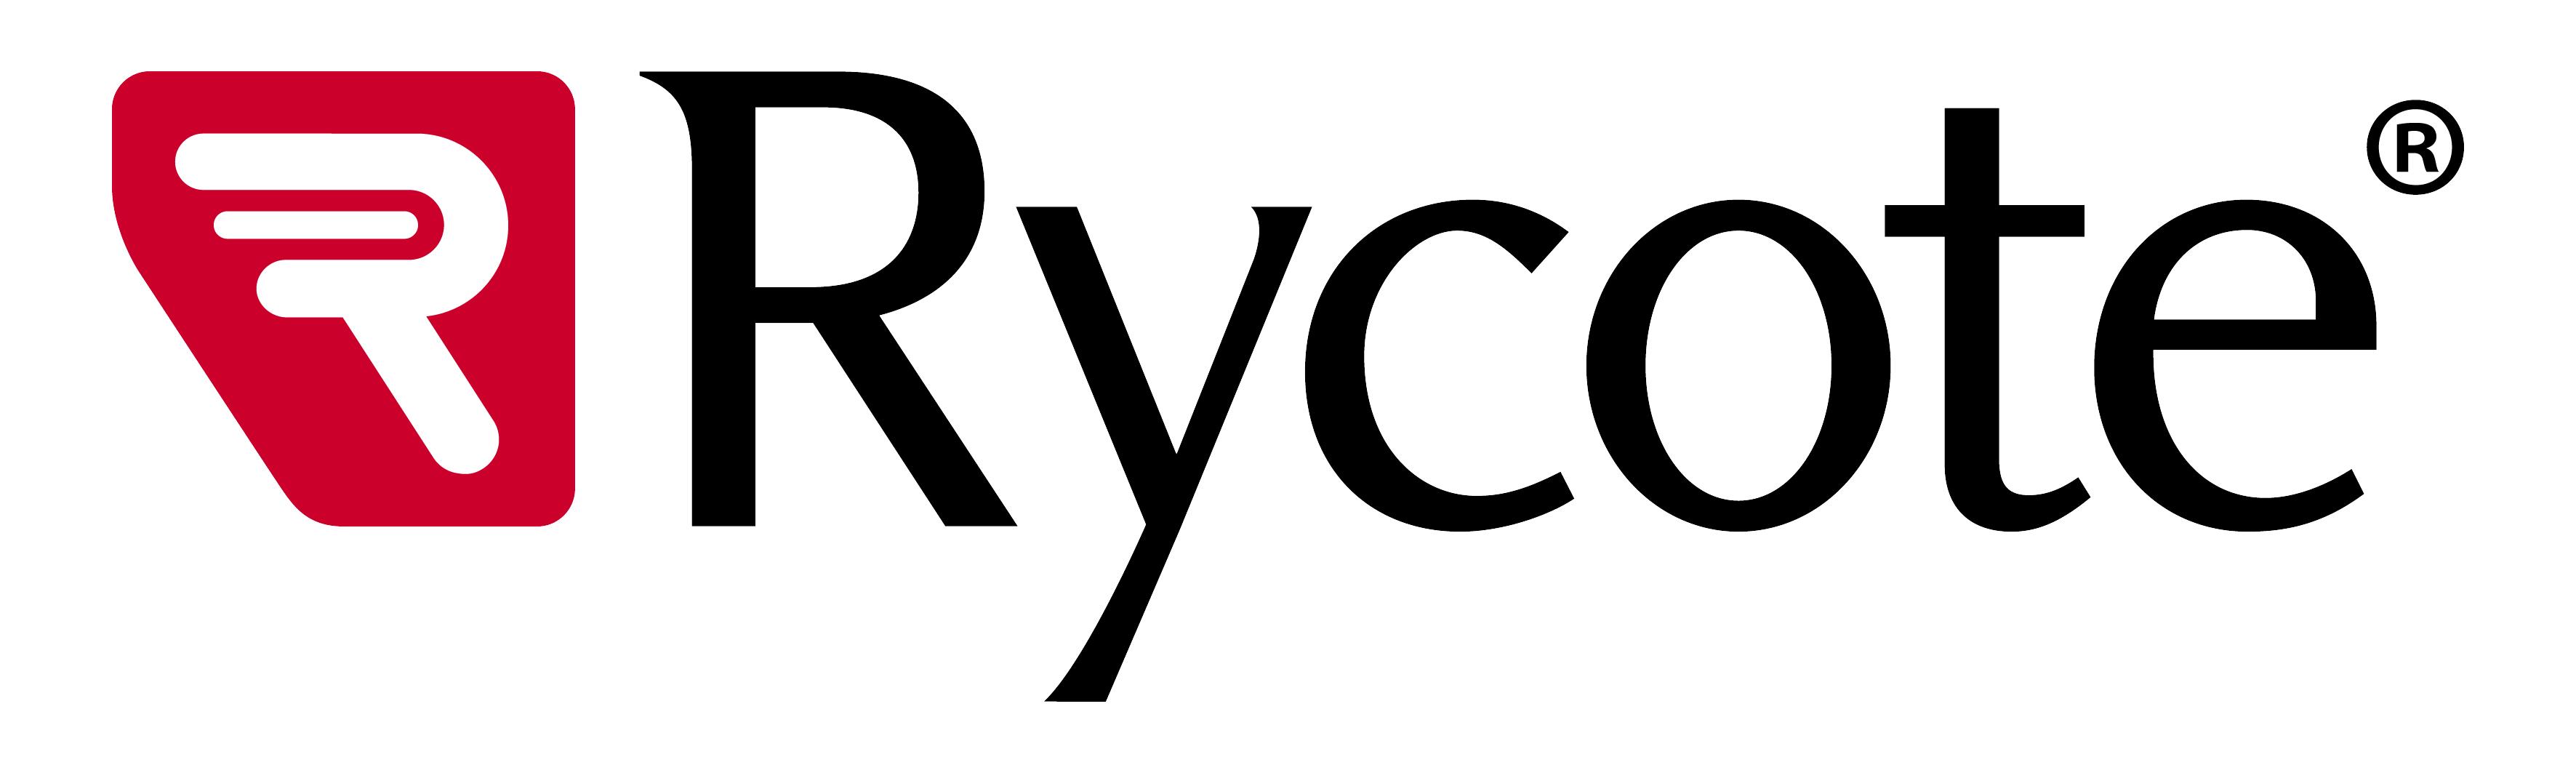 rycote1.jpg